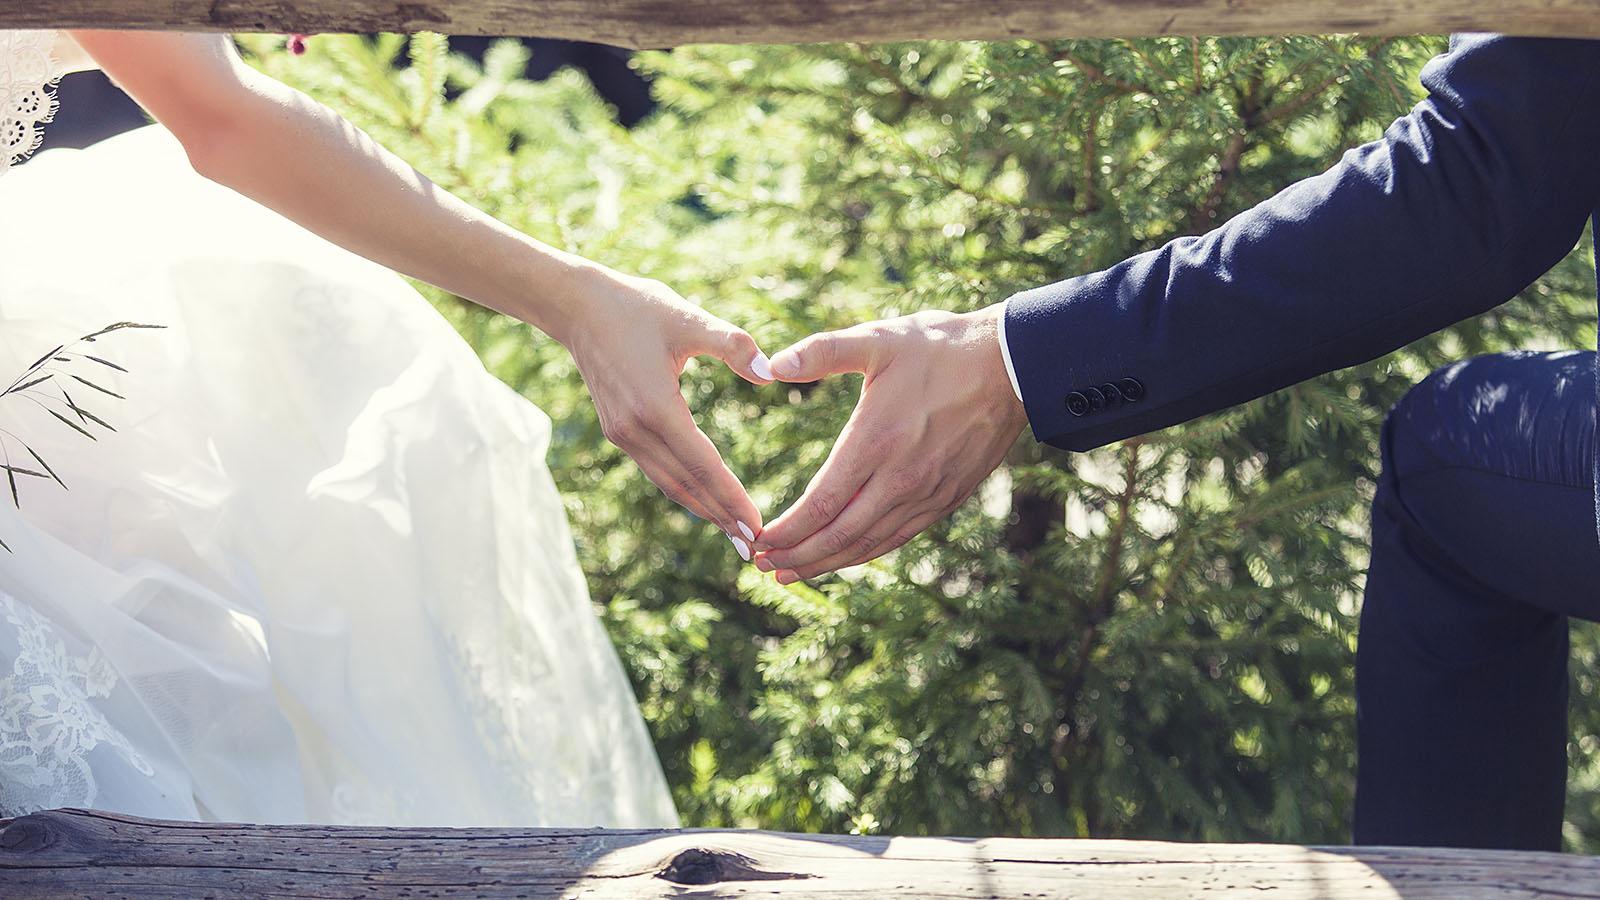 keresek francia muszlim nő esküvő)